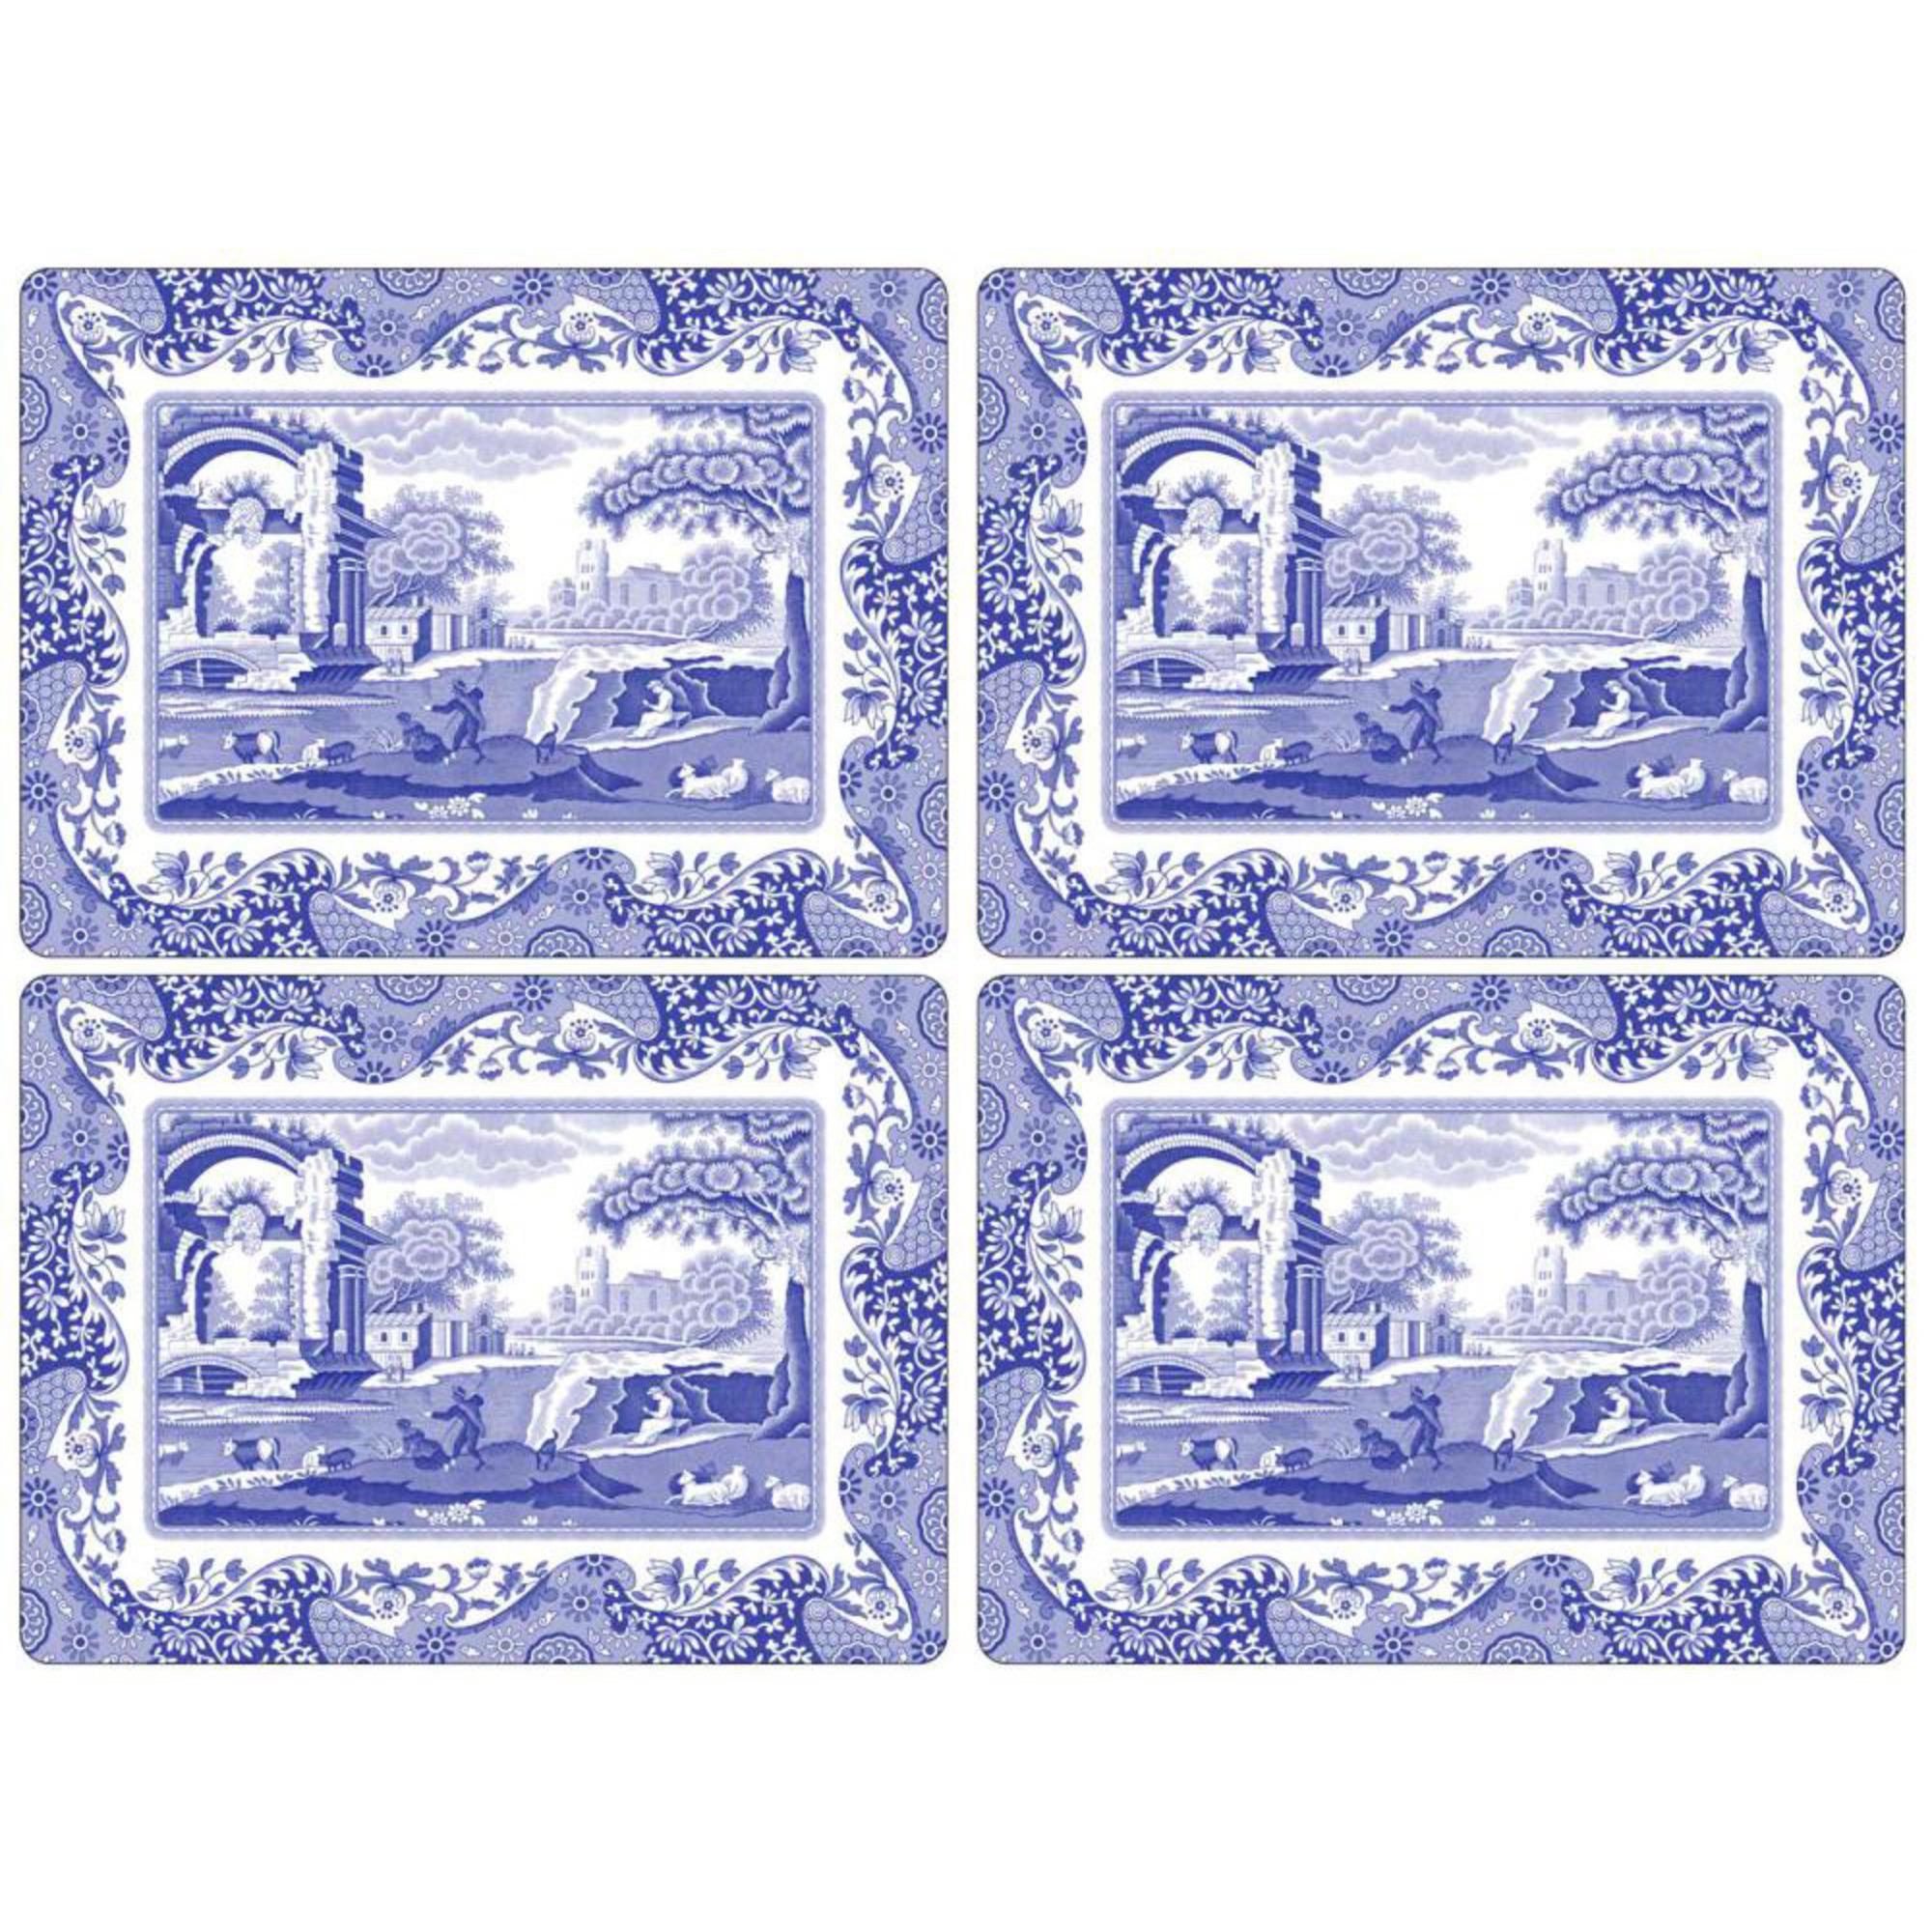 Spode Blue Italian Bordsunderlägg 4-pack 40 x30 cm